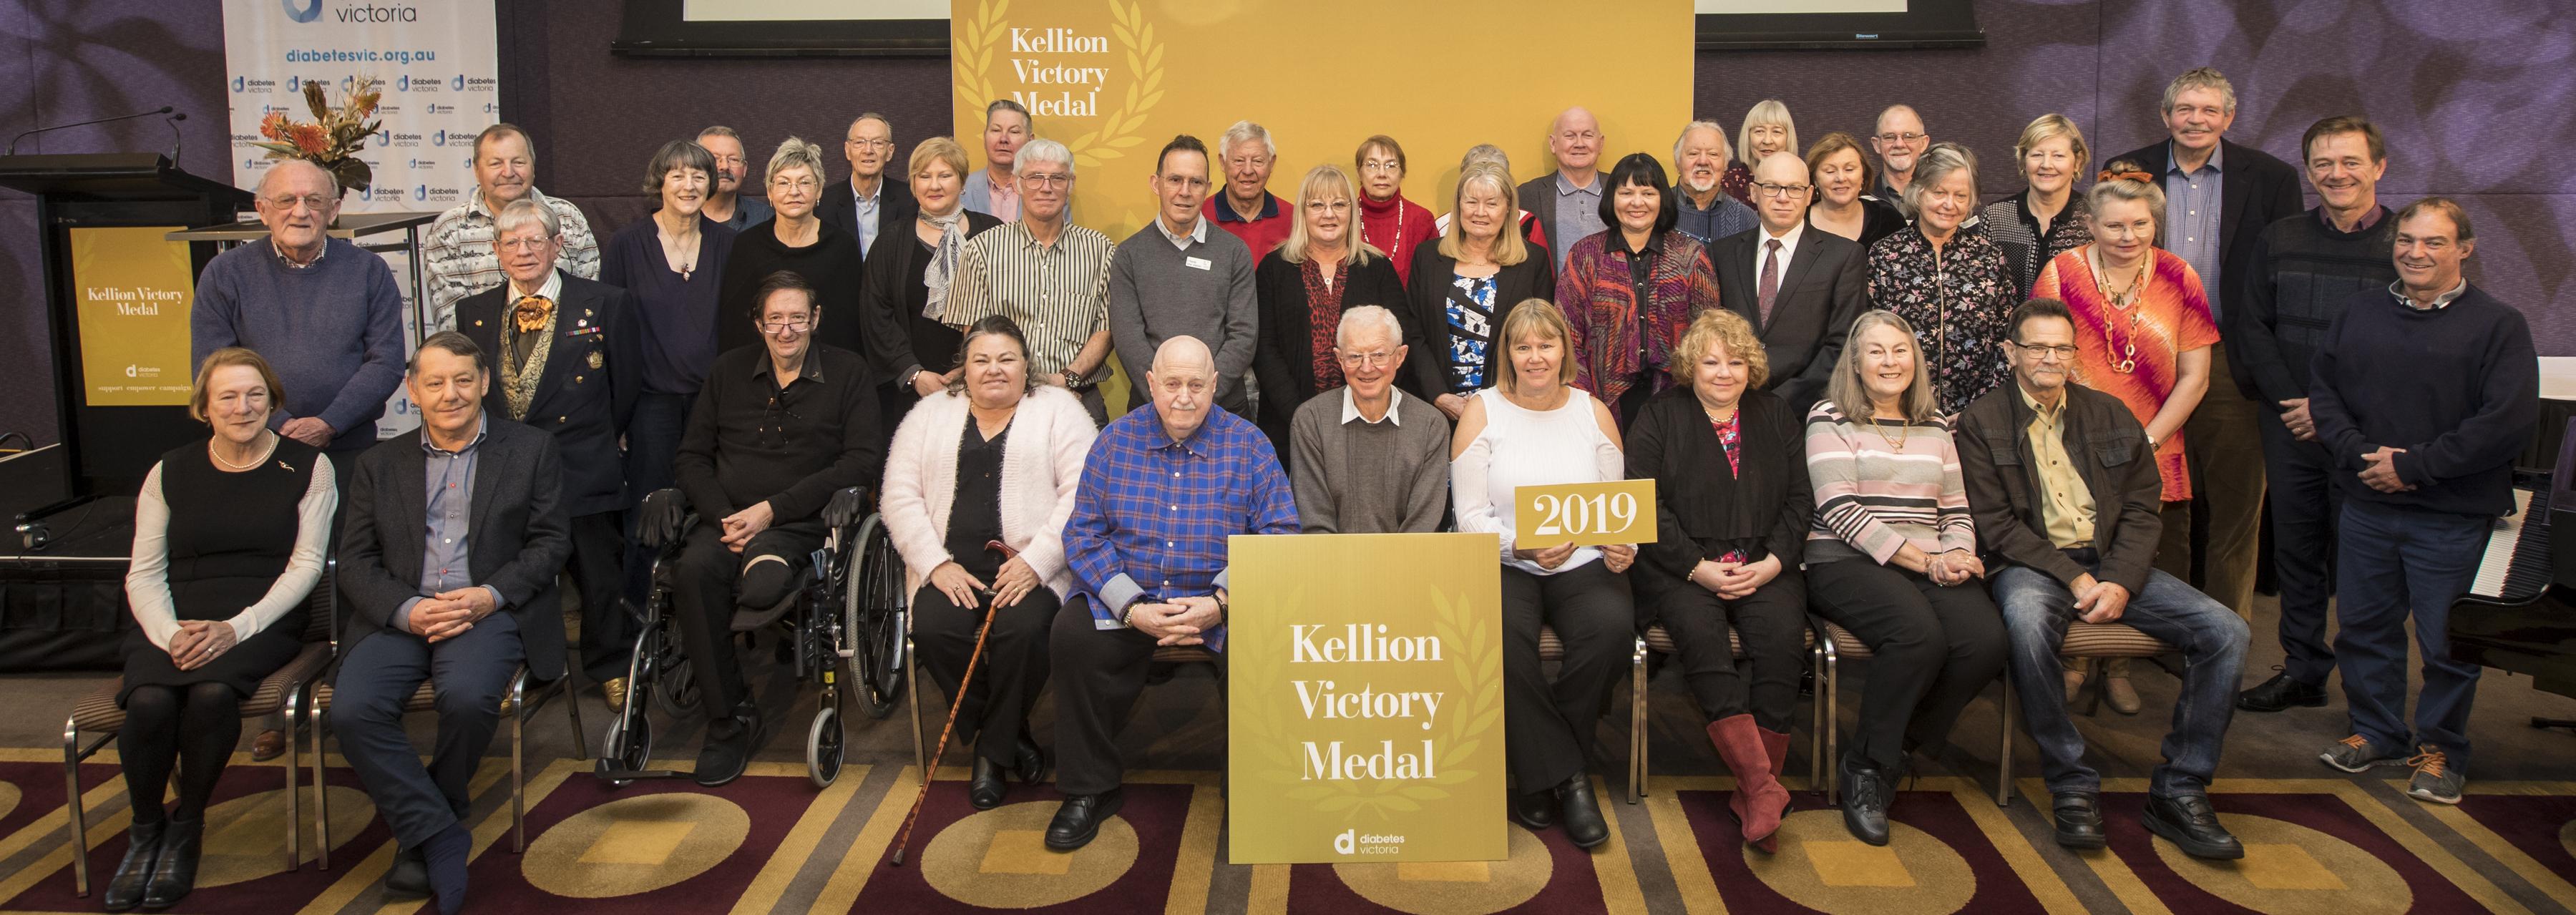 Kellion Award Winners2019